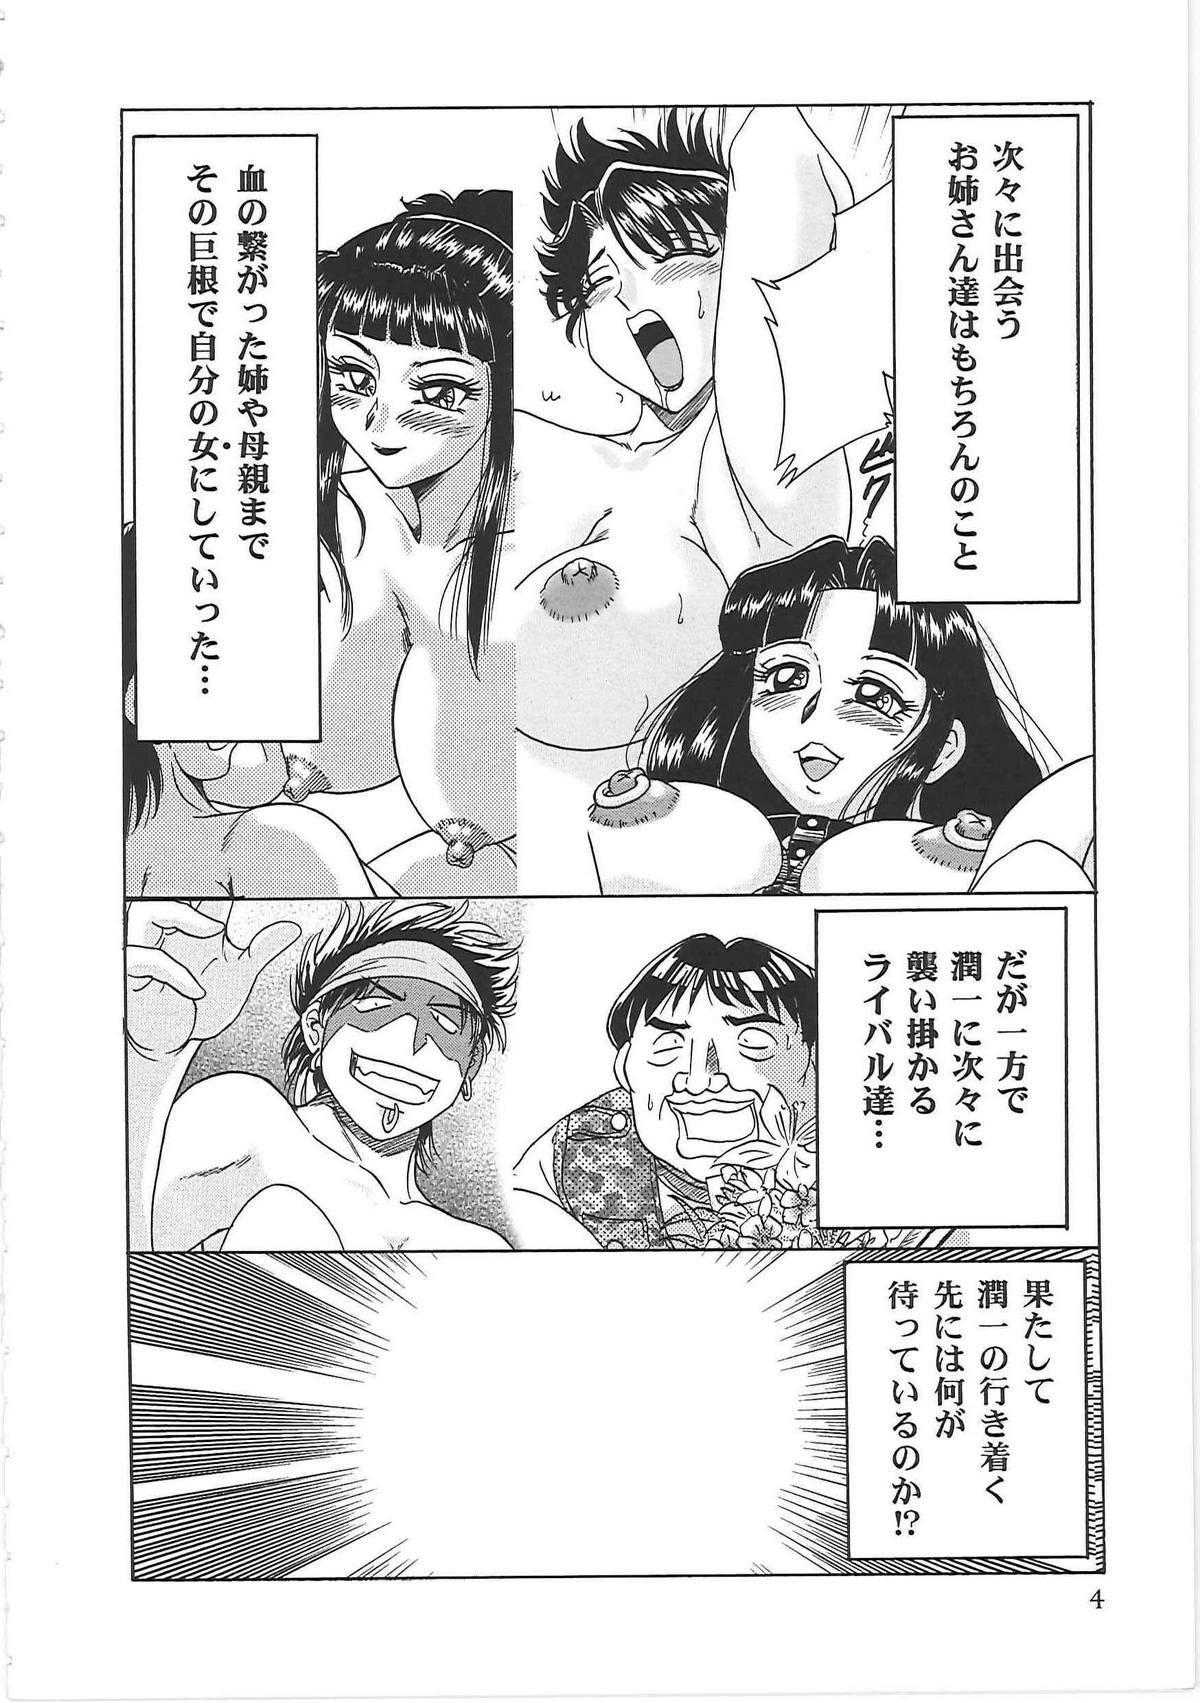 [Chanpon Miyabi] Cho-Onesan Tengoku 6 -Tenrakuhen- 11